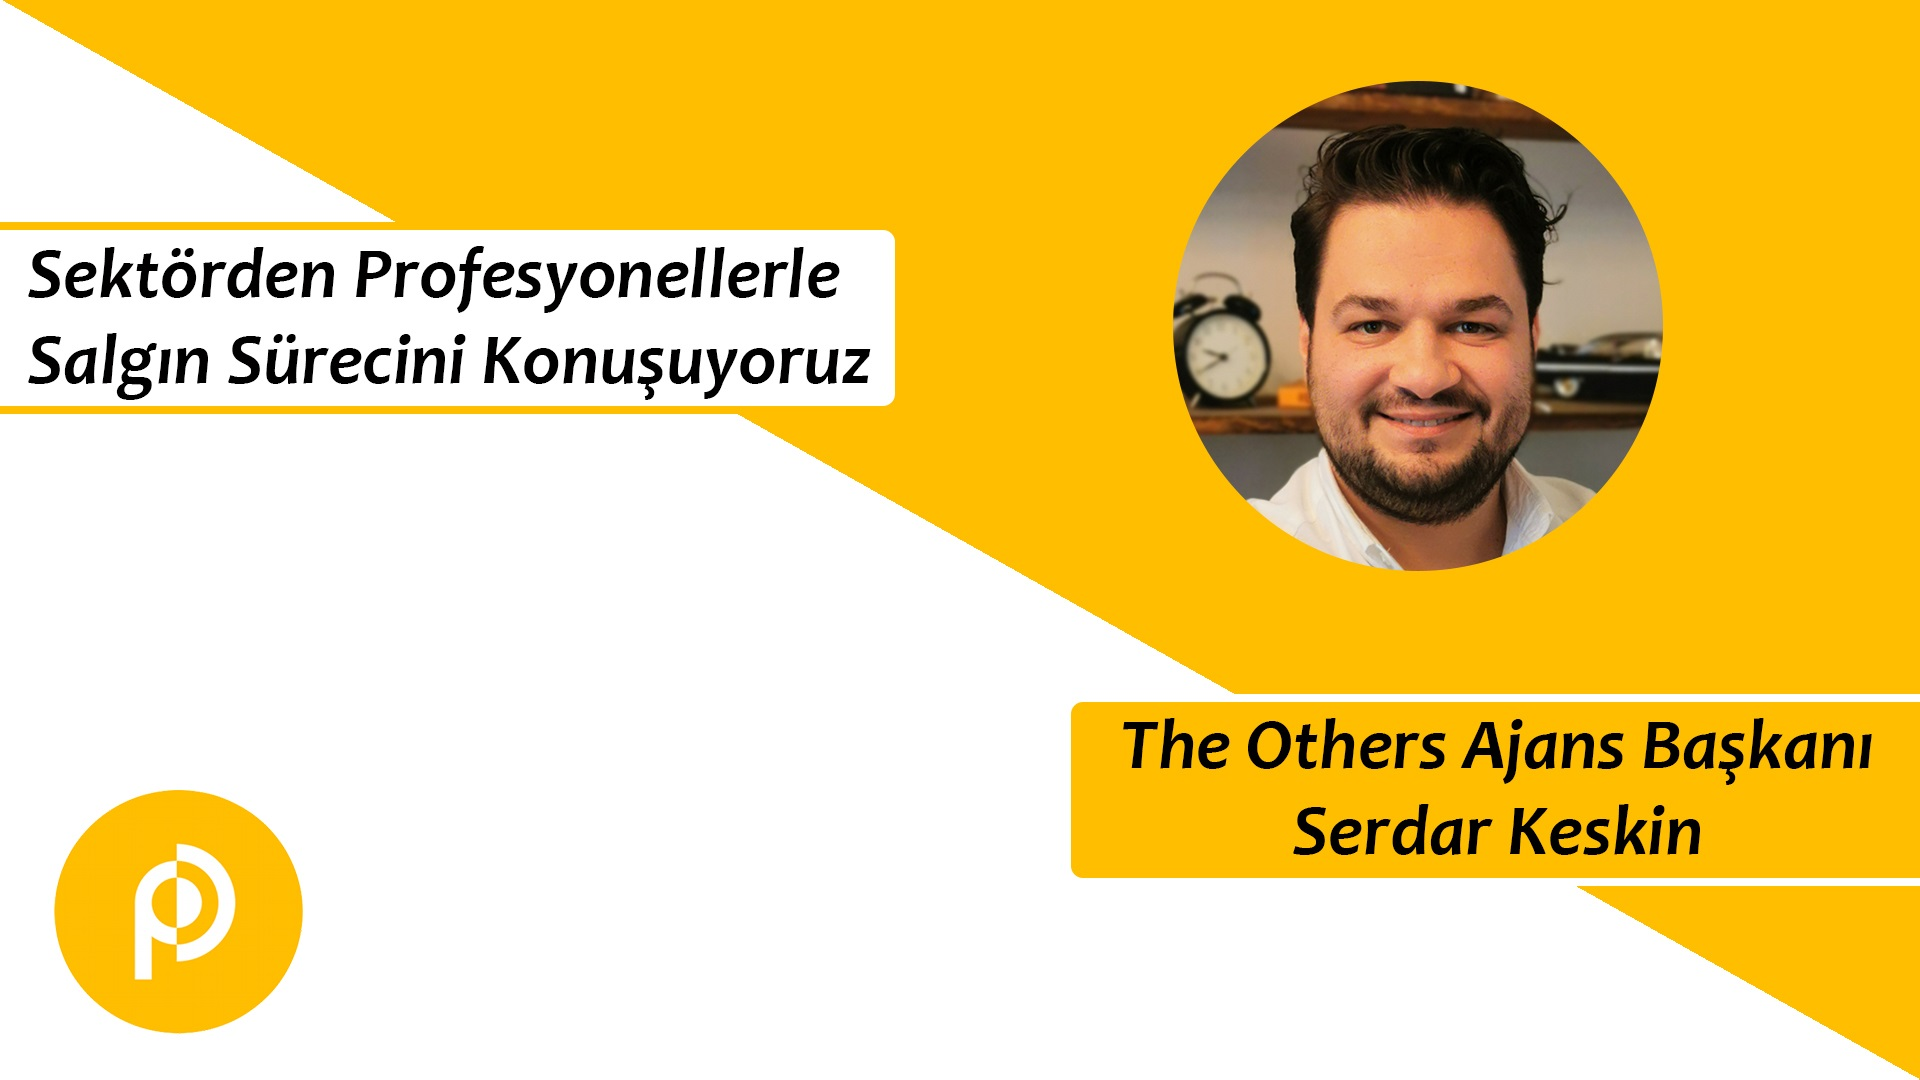 Covid-19 Sürecini The Others Ajans Başkanı Serdar Keskin ile Konuştuk